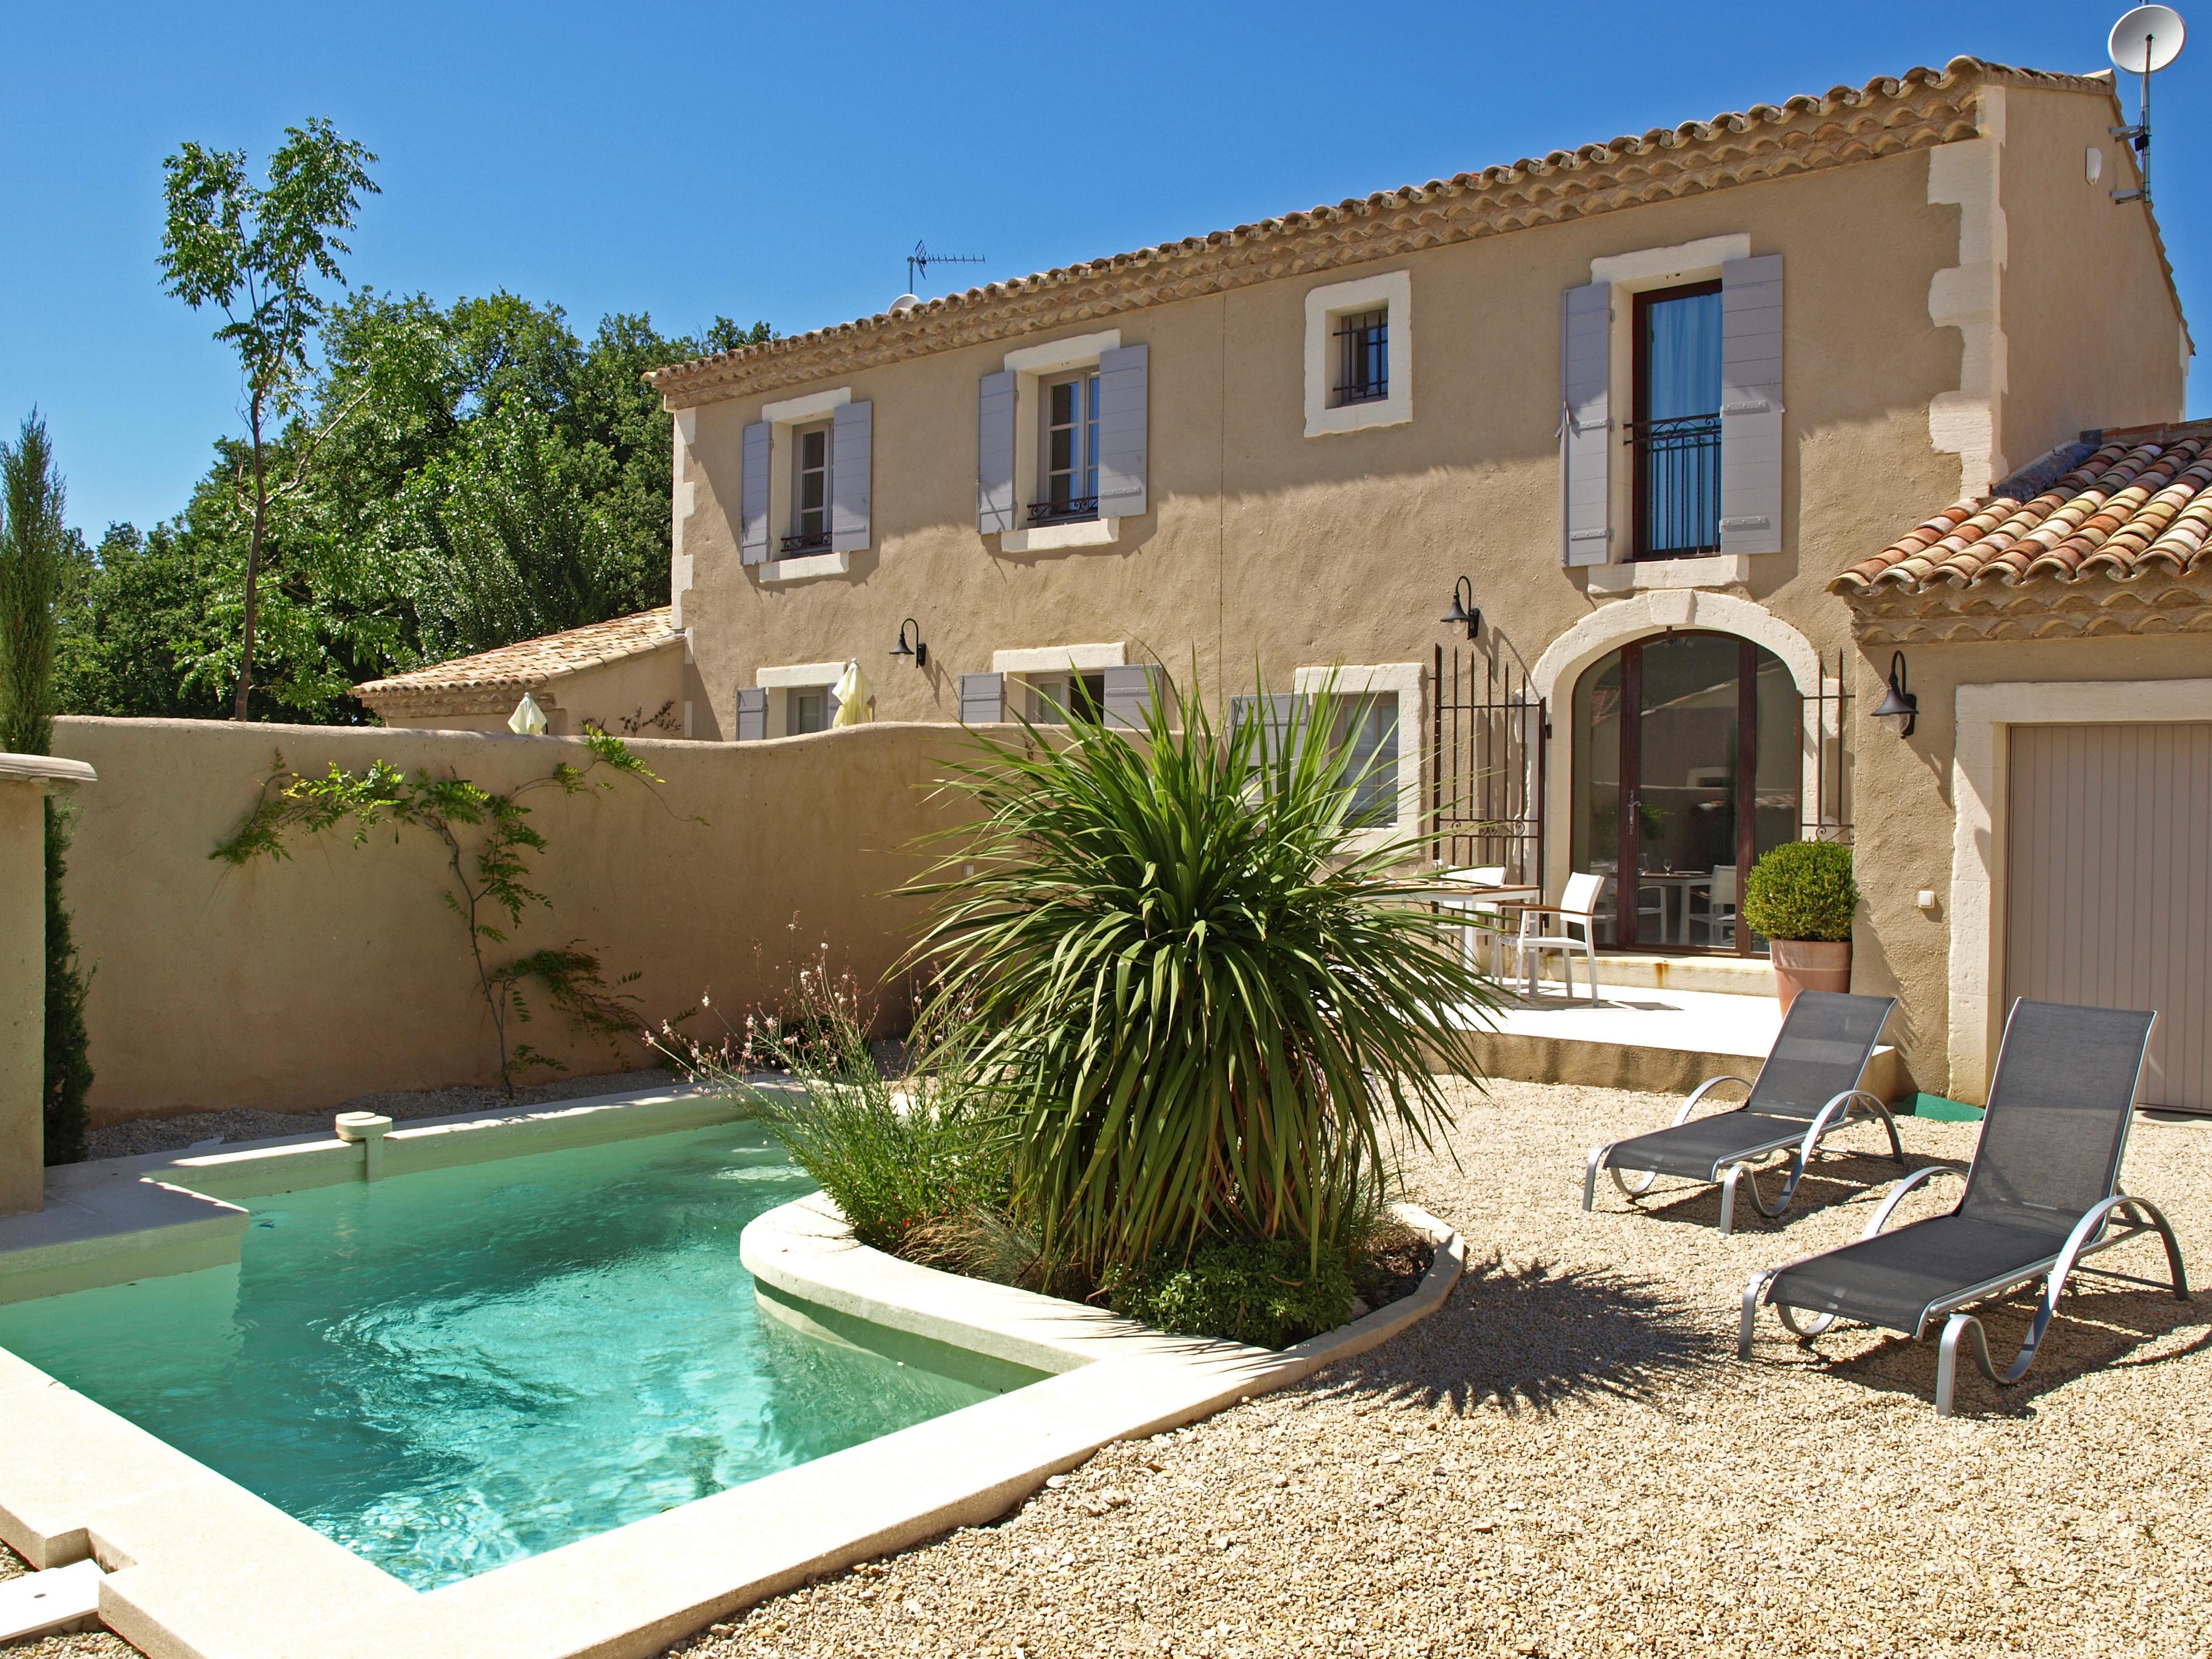 Saint r my de provence france maison de vacances buis for Entretien jardin st remy de provence